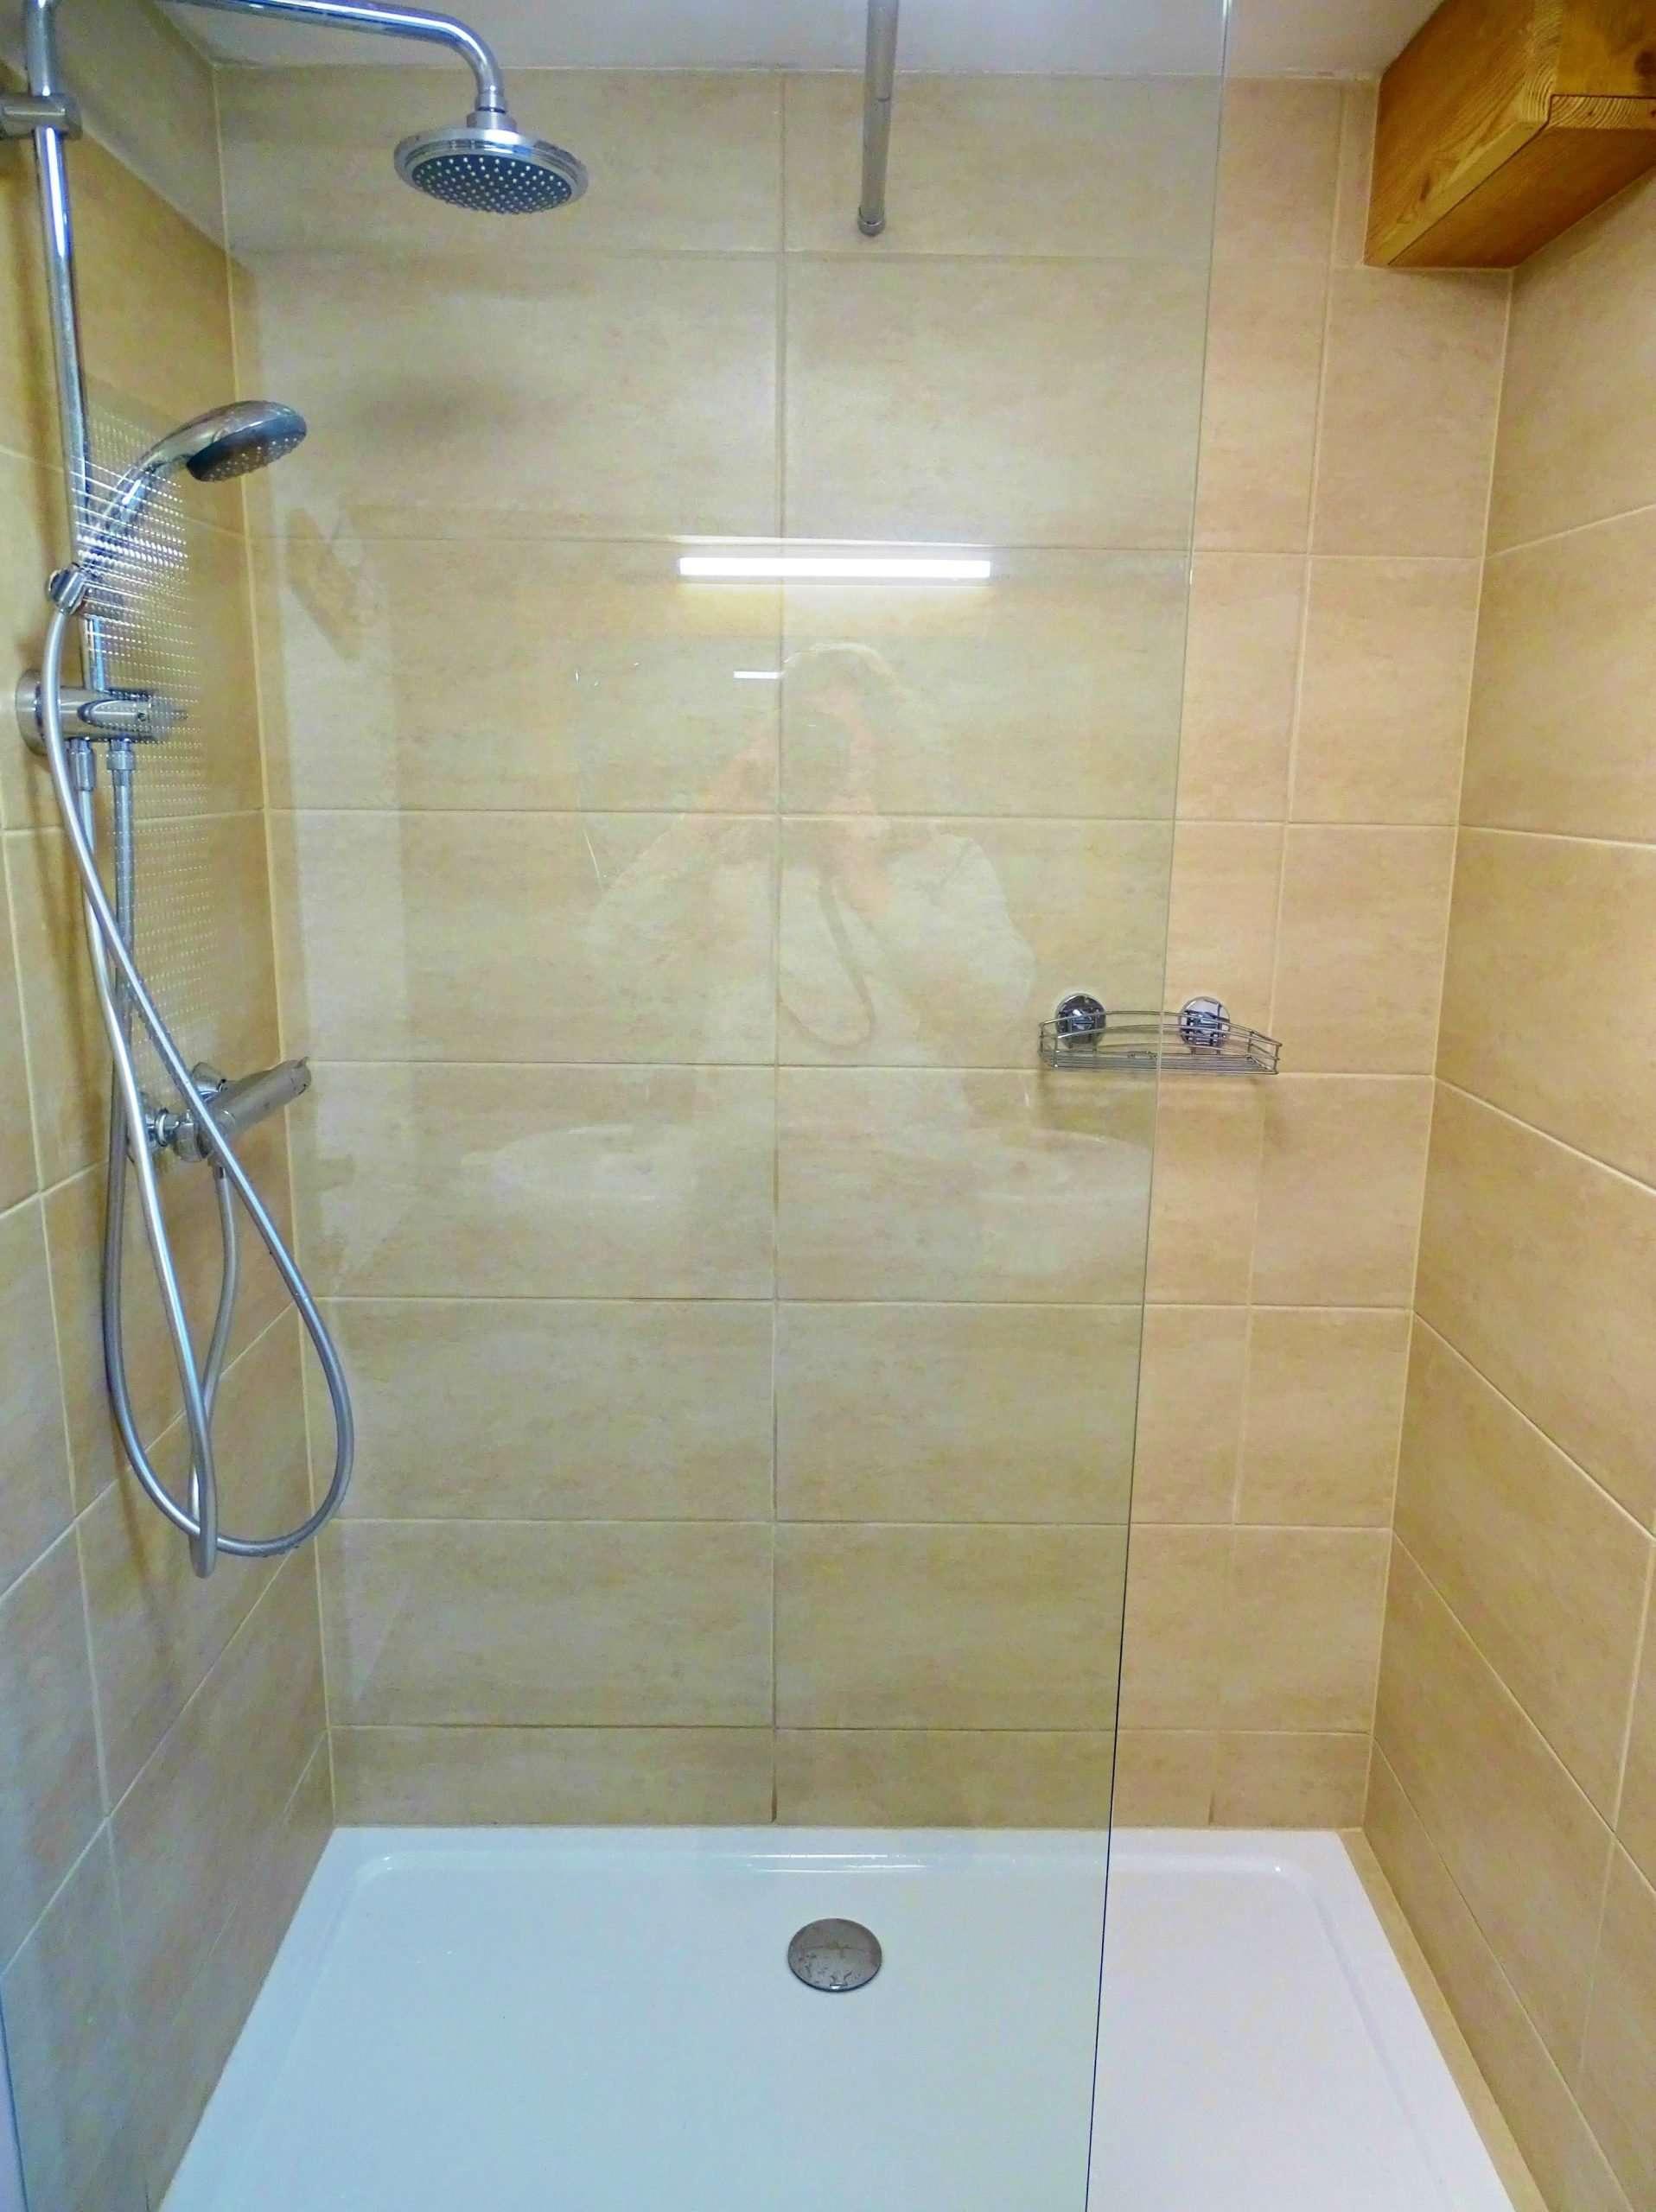 Shower in bathroom, Aberg apartment, Haus Schneeberg, Hochkoenig